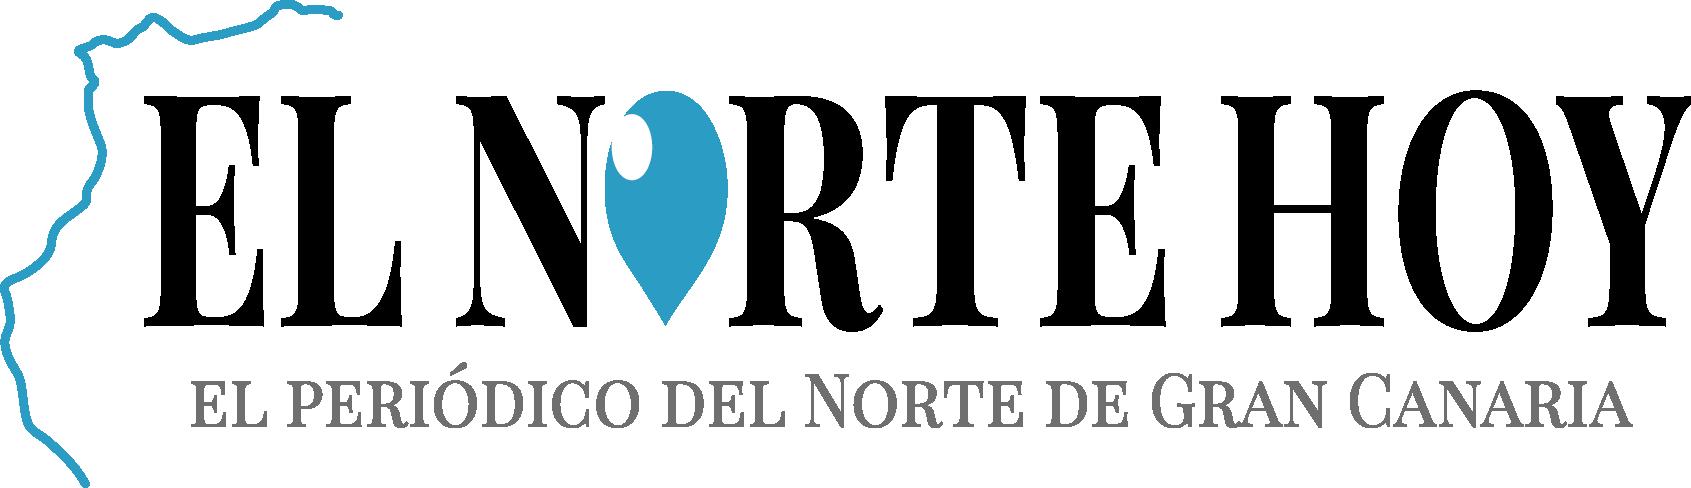 El Norte Hoy – Noticias del norte de Gran Canaria